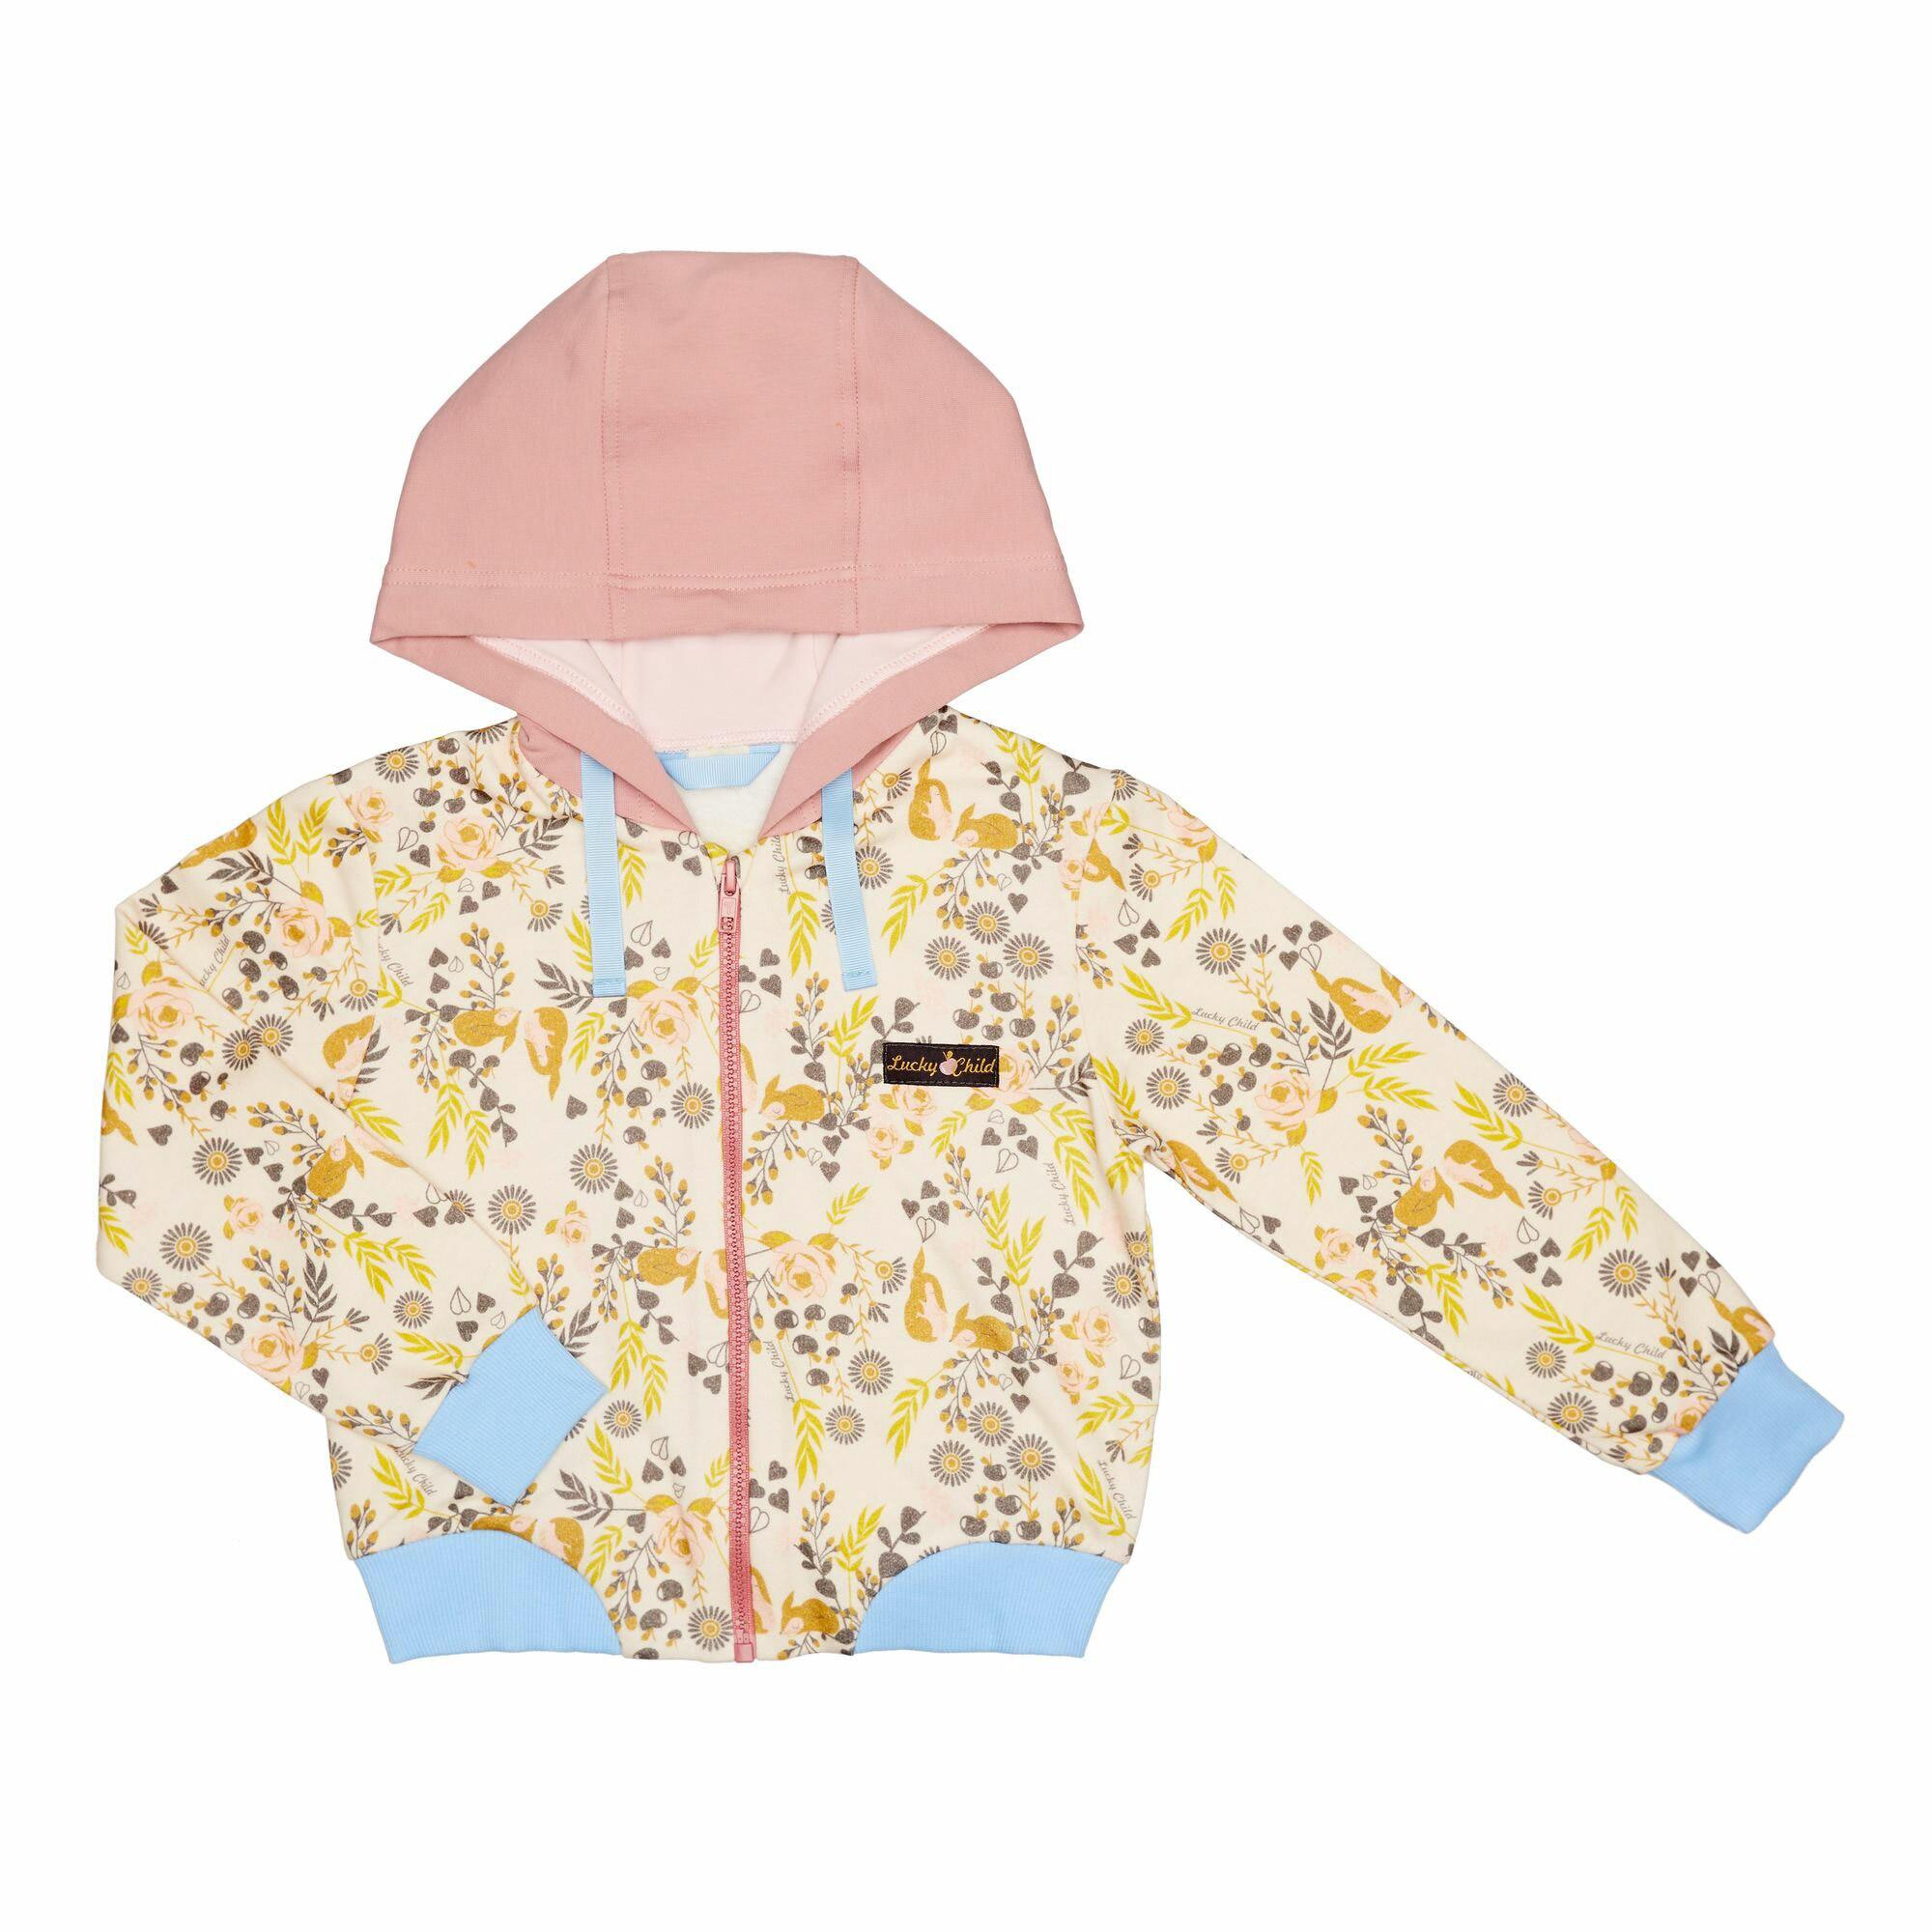 Купить Куртка на молнии Lucky Child Осенний лес 104-110, Разноцветный, Футер, Для девочек, Осень-Зима,